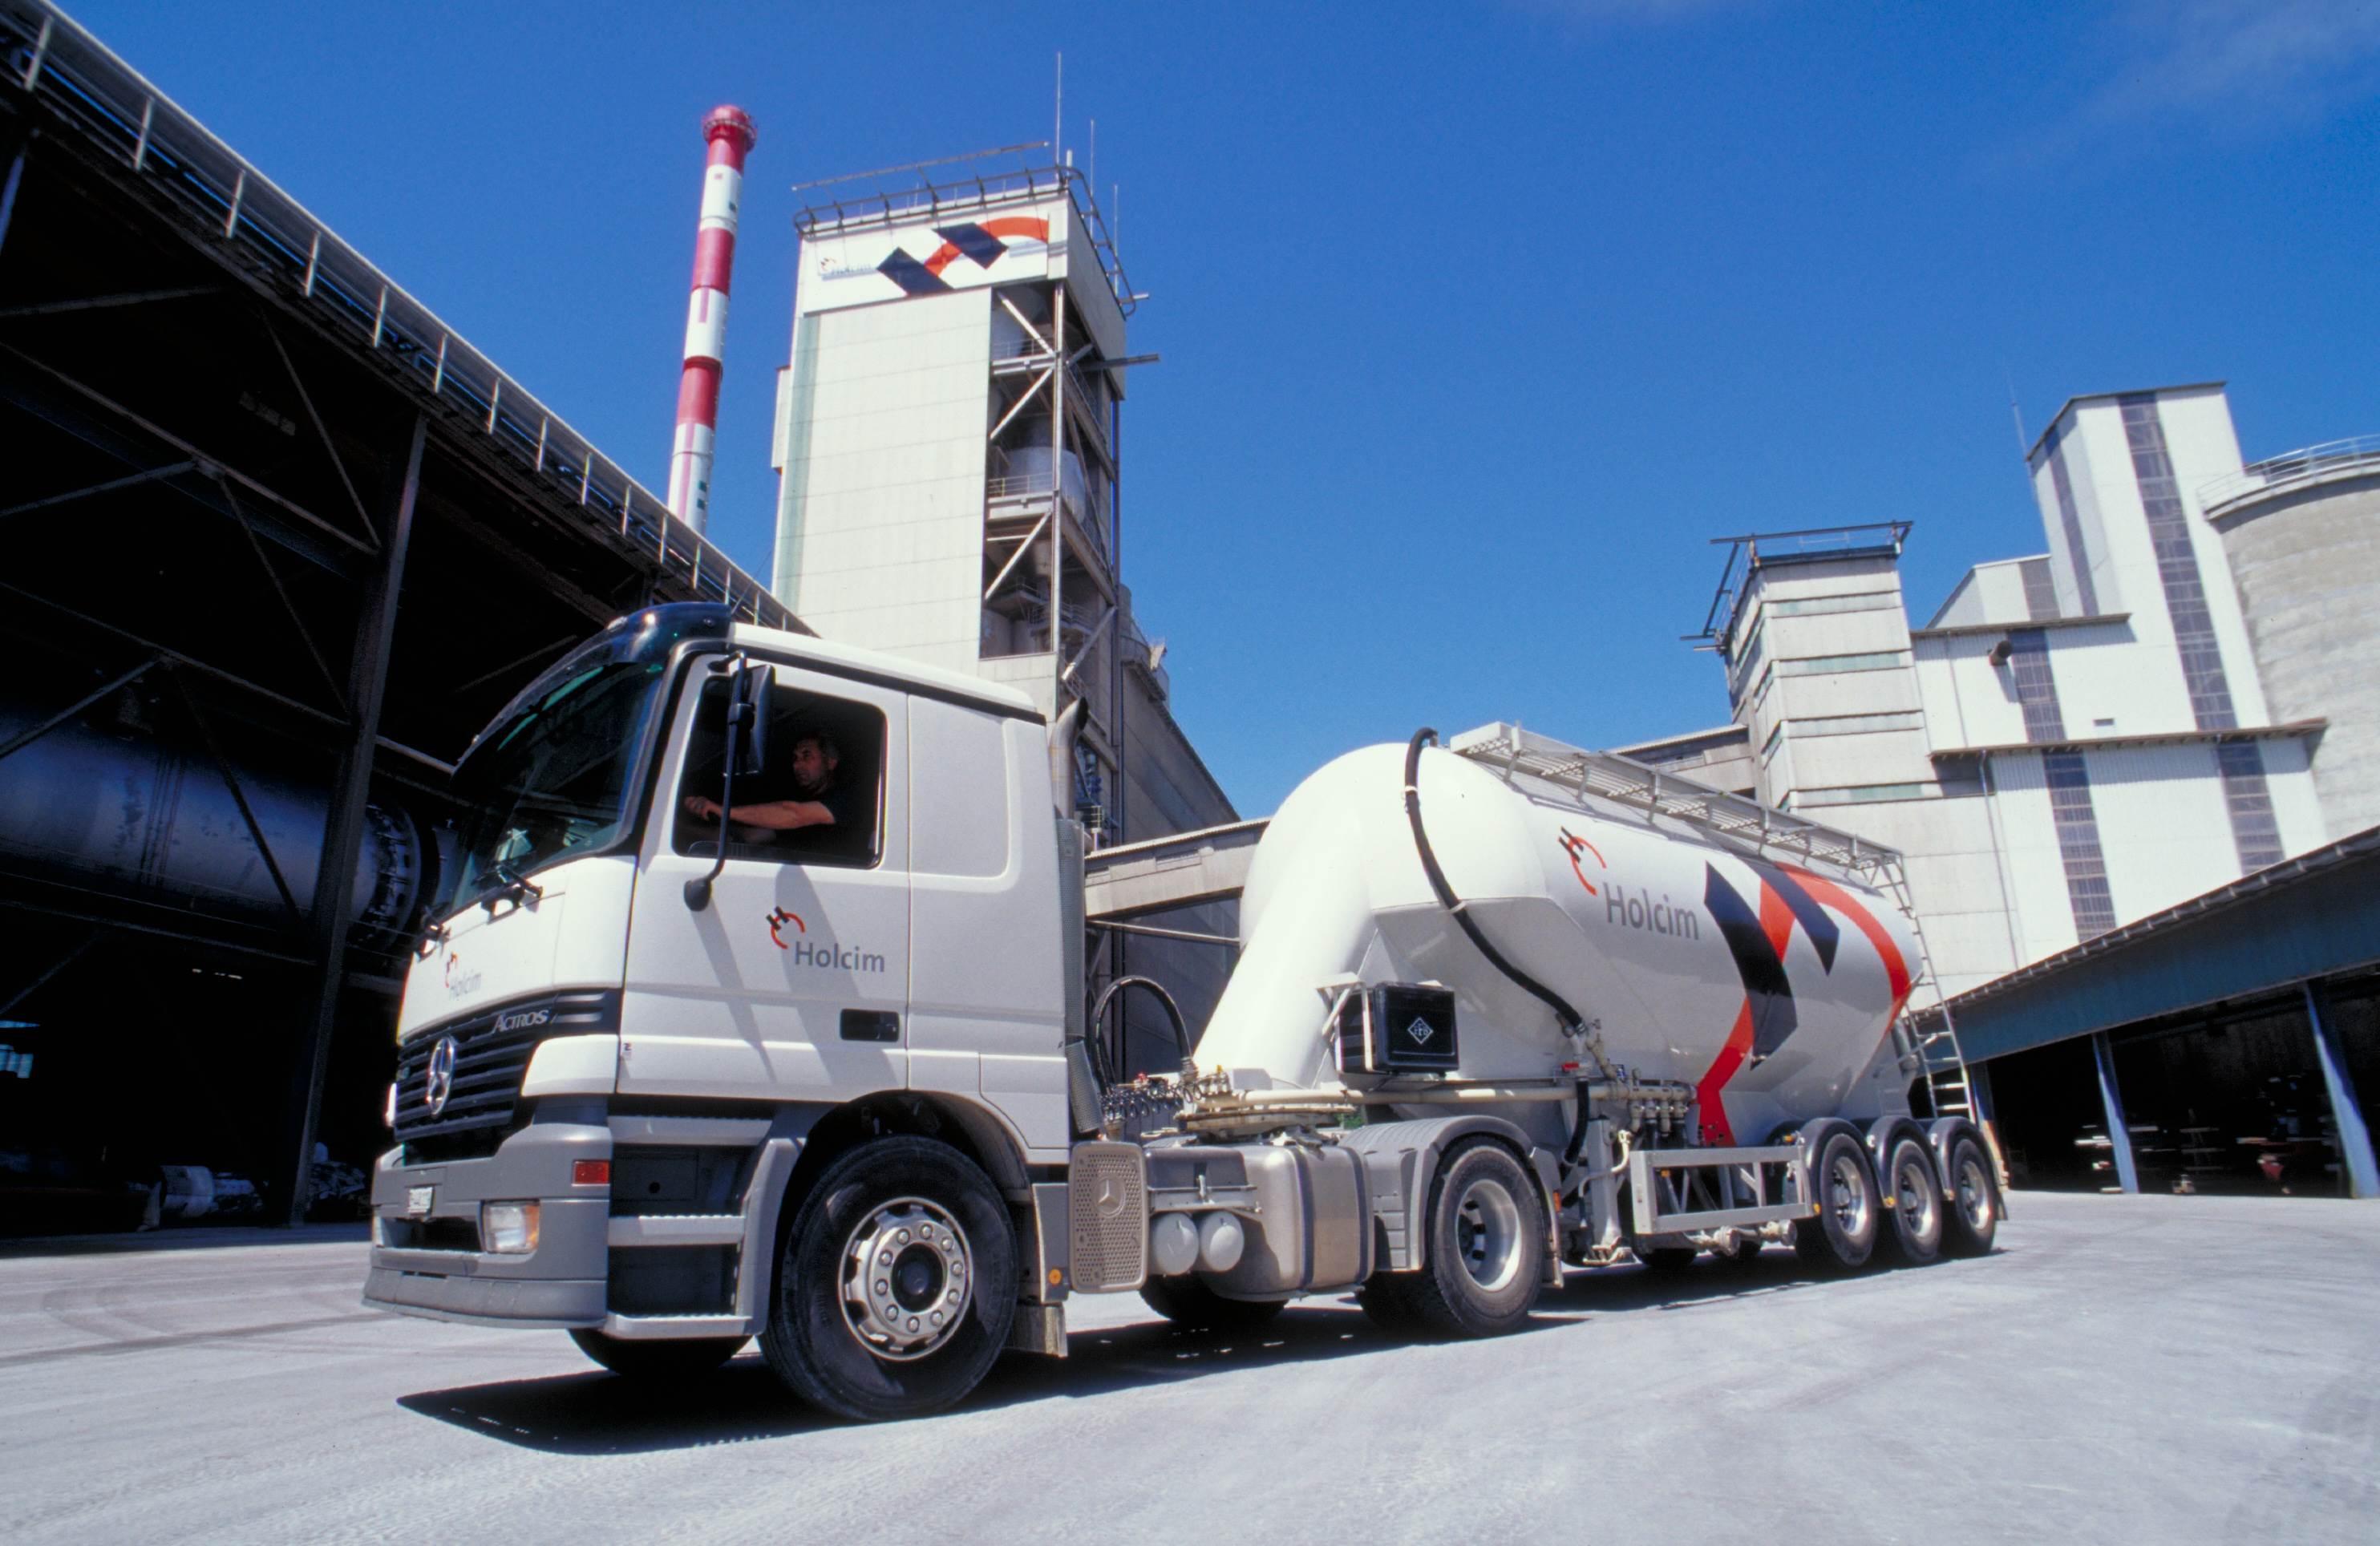 Holcim Lastwagen.jpg